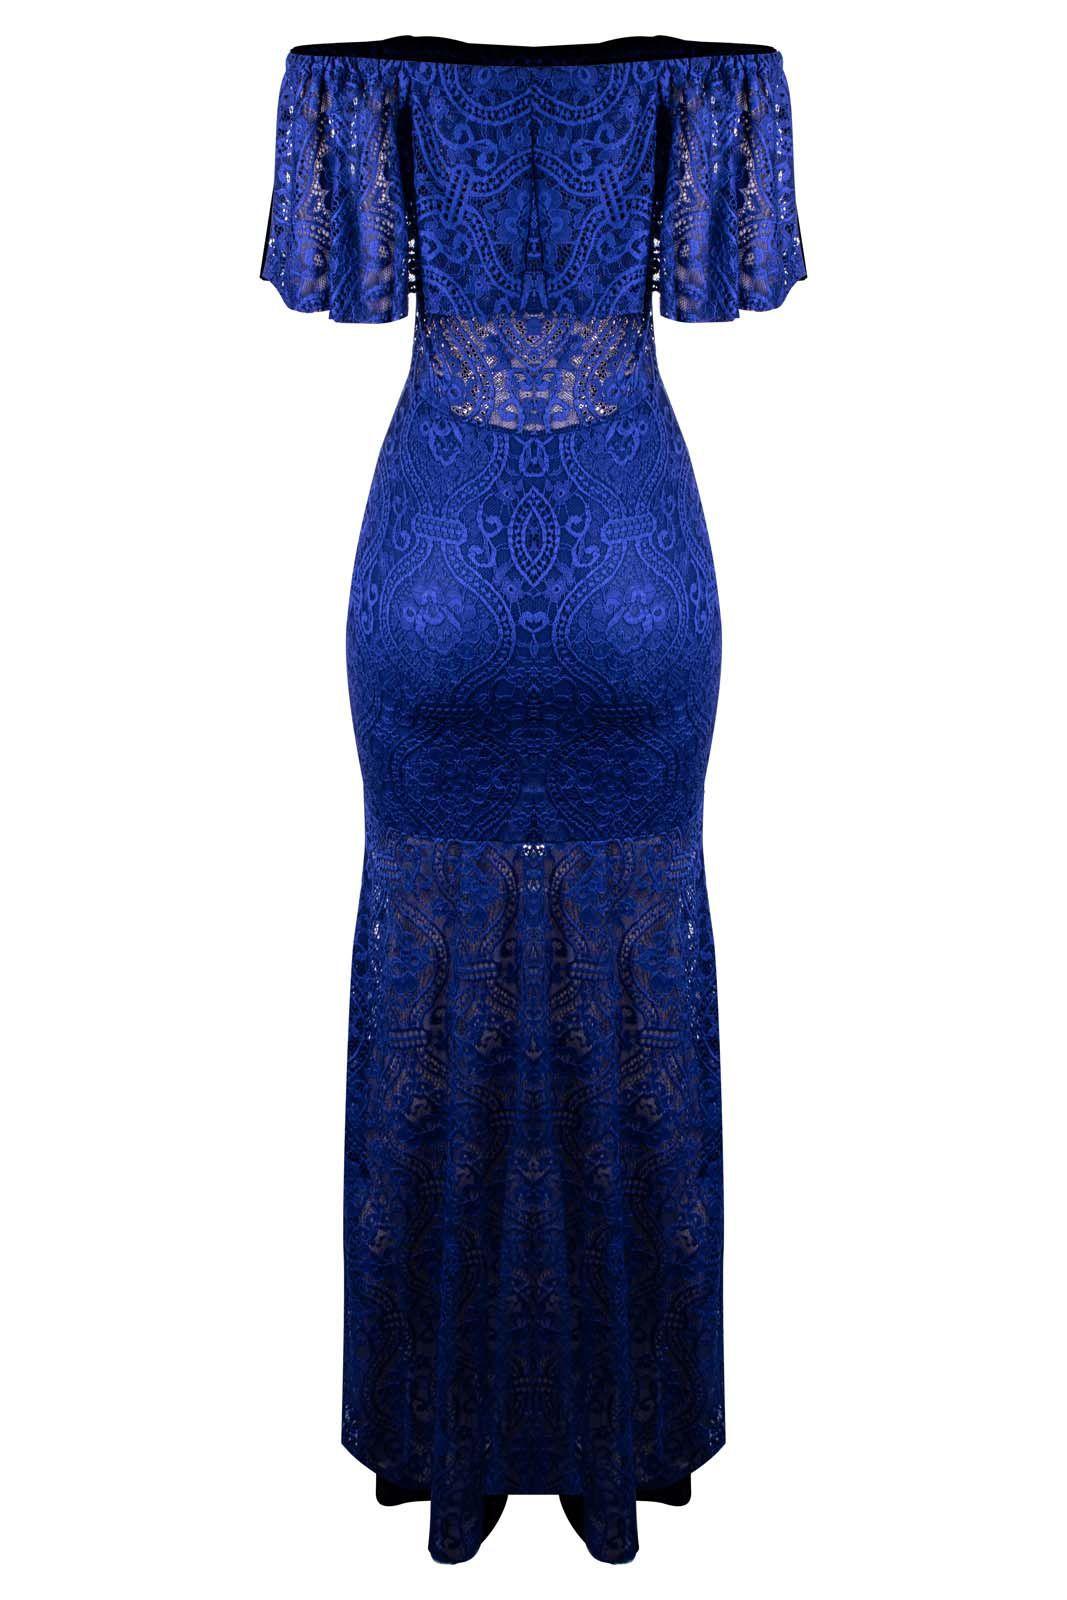 Vestido OutletDri Longo Renda Cigana Ciganinha Babado Fenda Lateral Azul